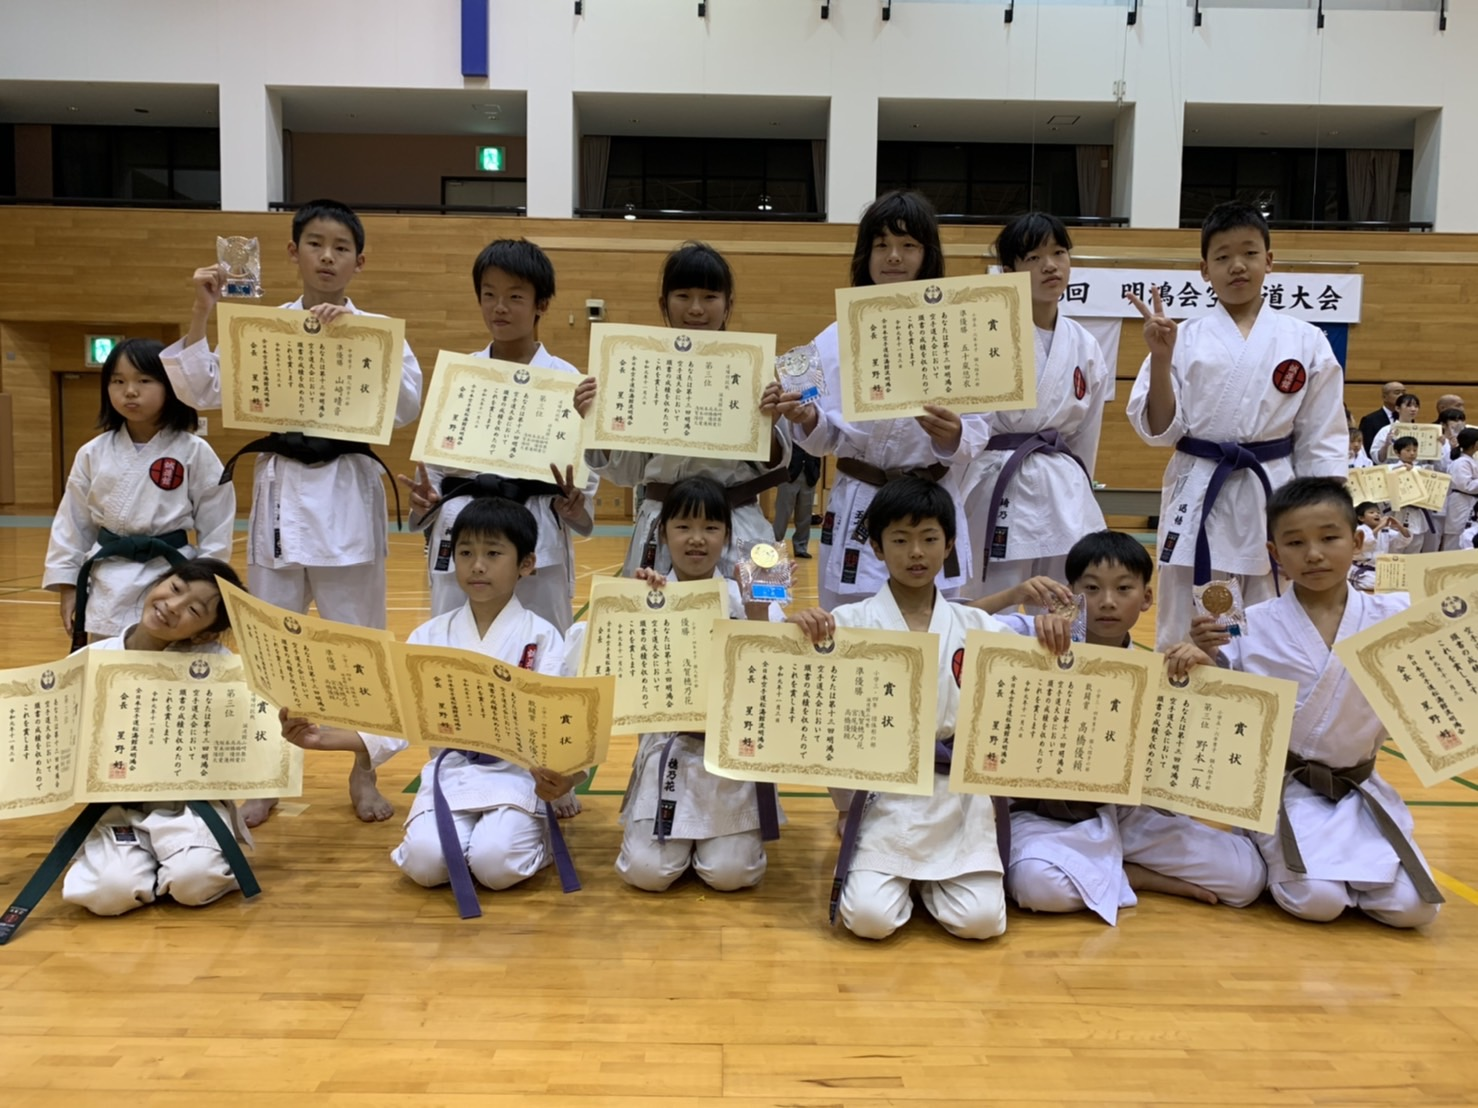 第13回 全日本空手道松濤館流明鴻会空手道大会